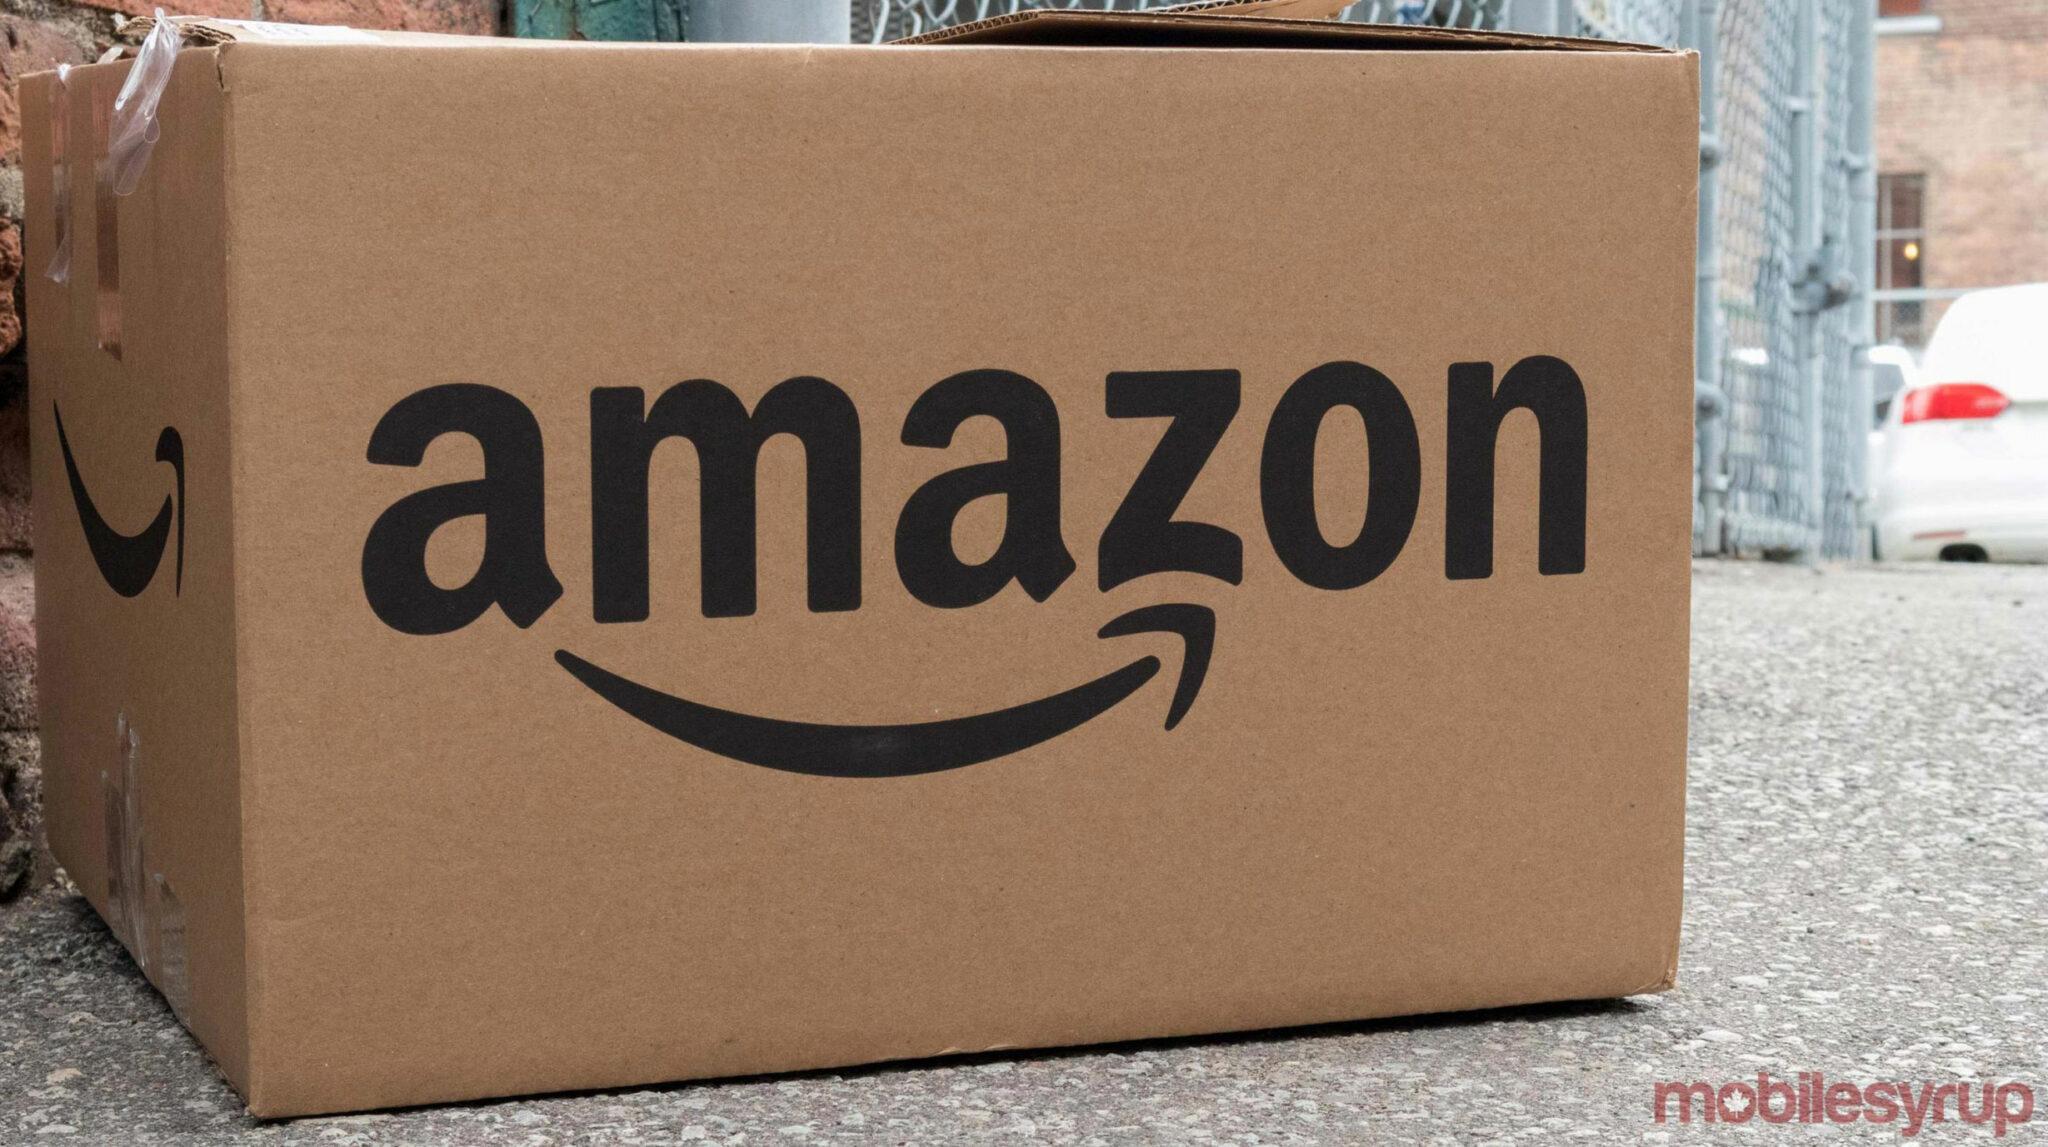 Amazon brings in $108.5 billion USD in Q1 2021, Prime Day is in June